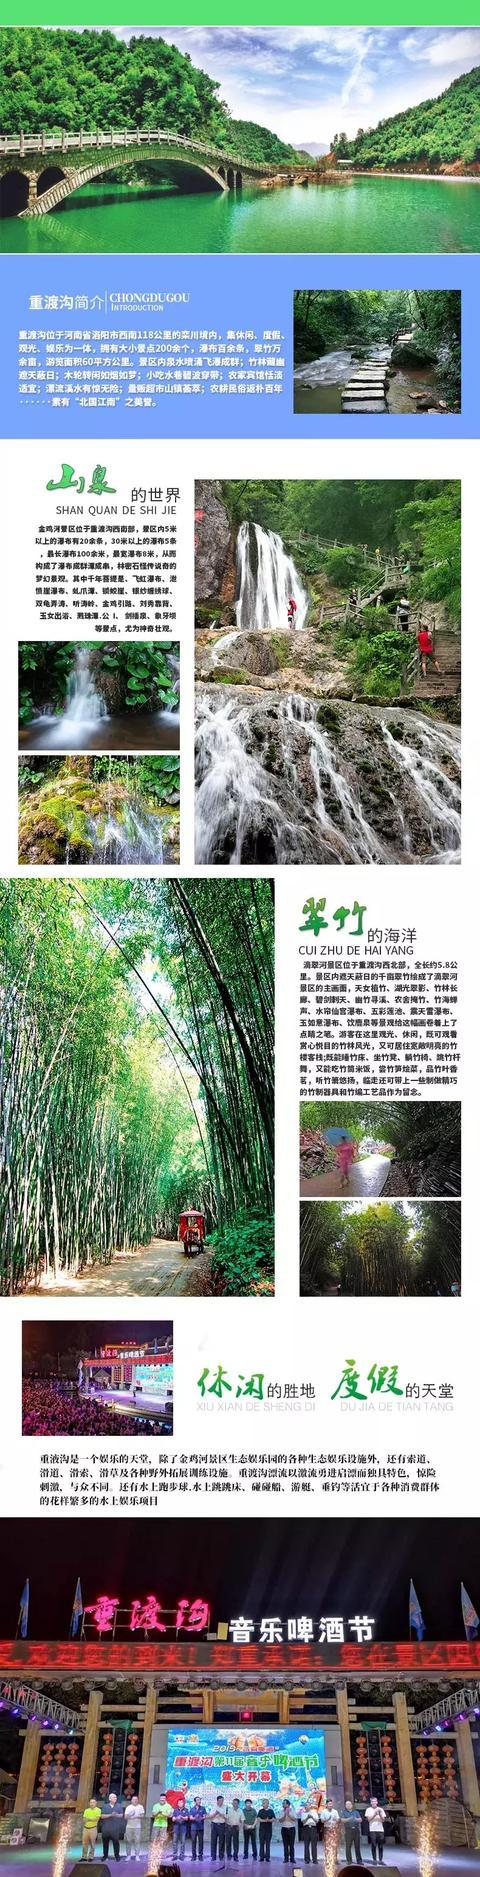 8月3日、4日,栾川高速免费,重渡沟请大家免费喝统一绿茶了!